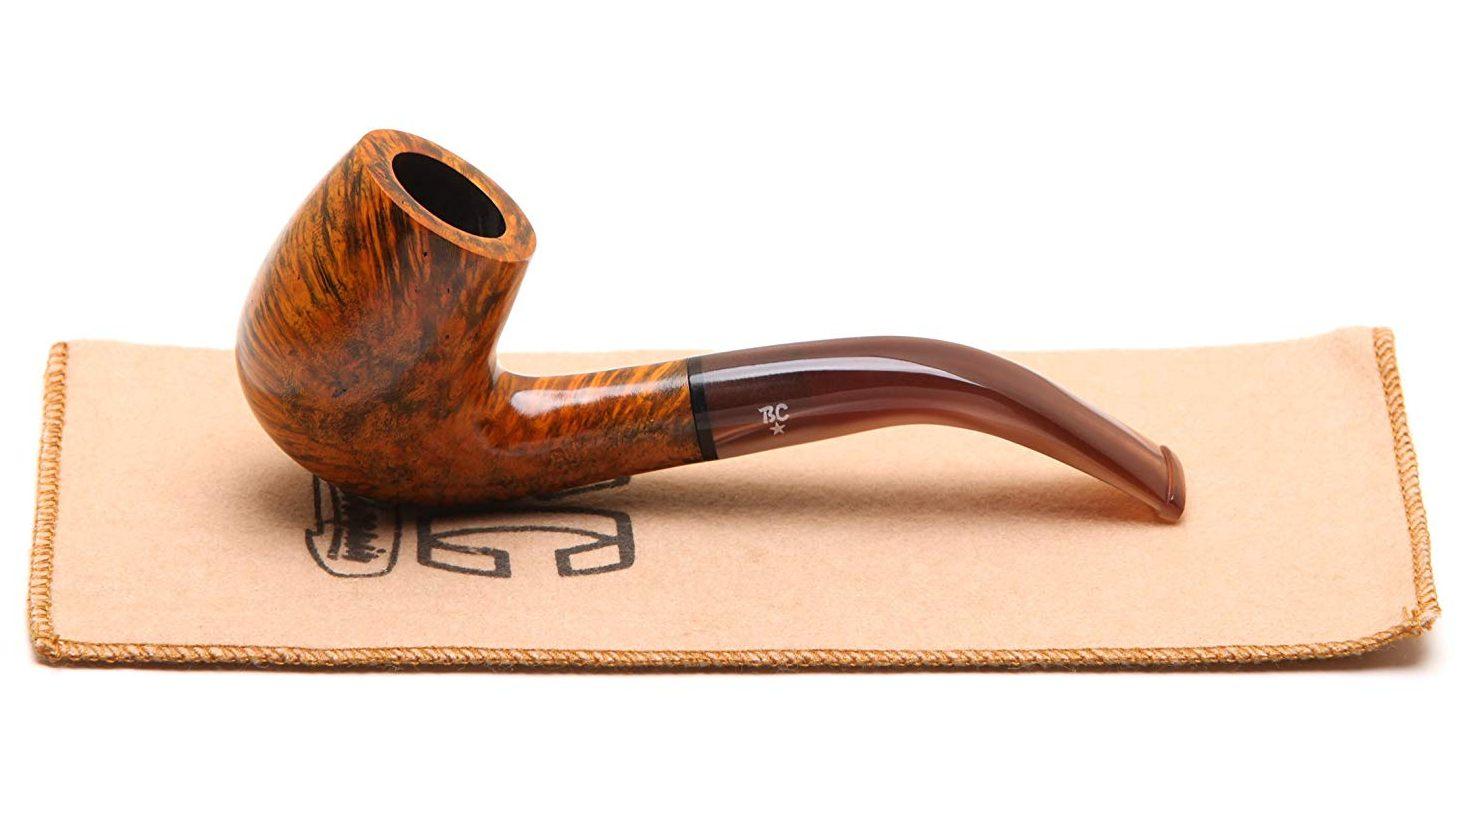 Bc Classic Pipe